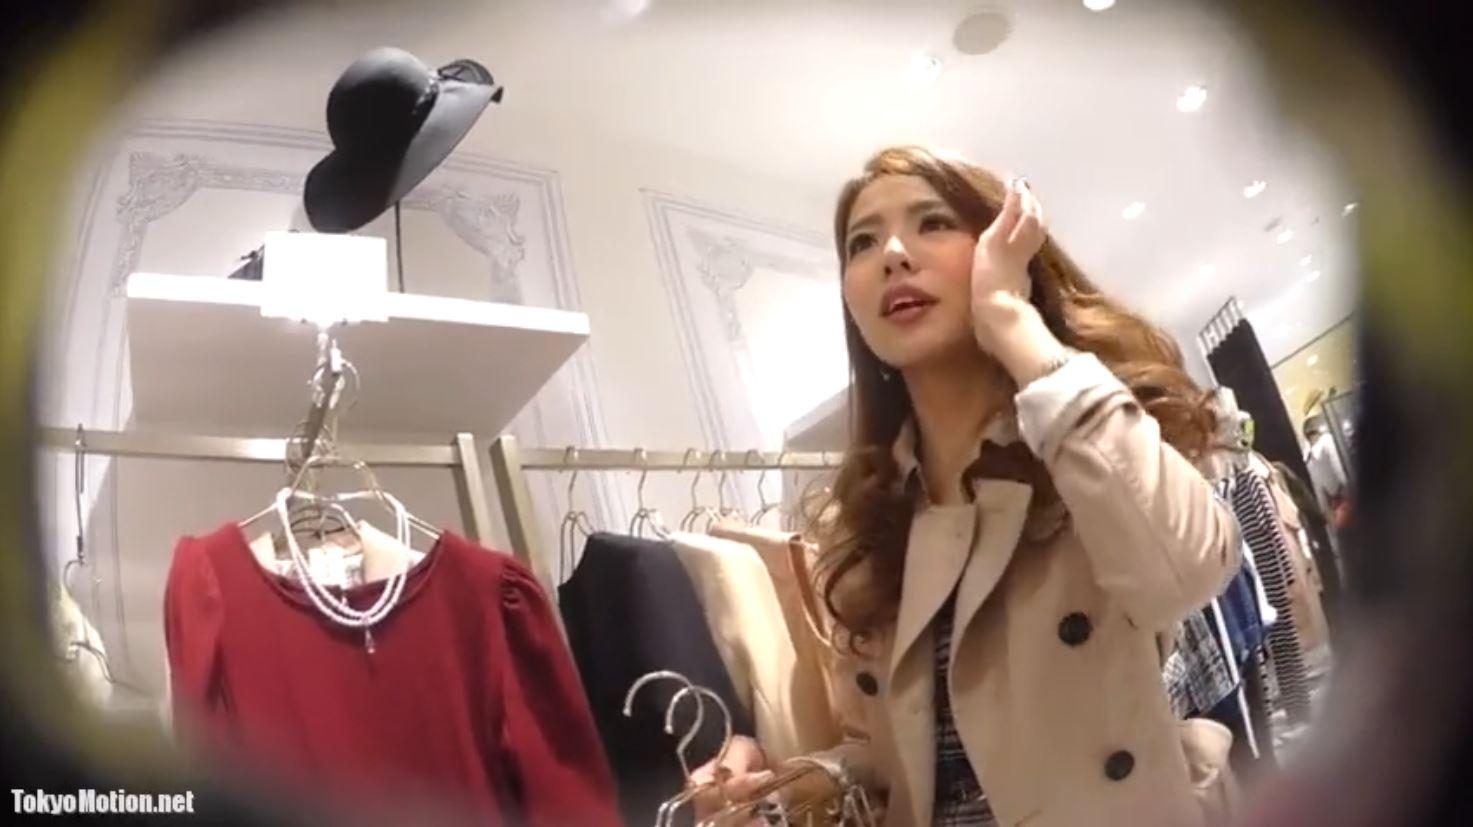 《美人アパレルショップ店員さんパンティ逆さ盗撮》服を選んでもらいながらパンティを撮影♪